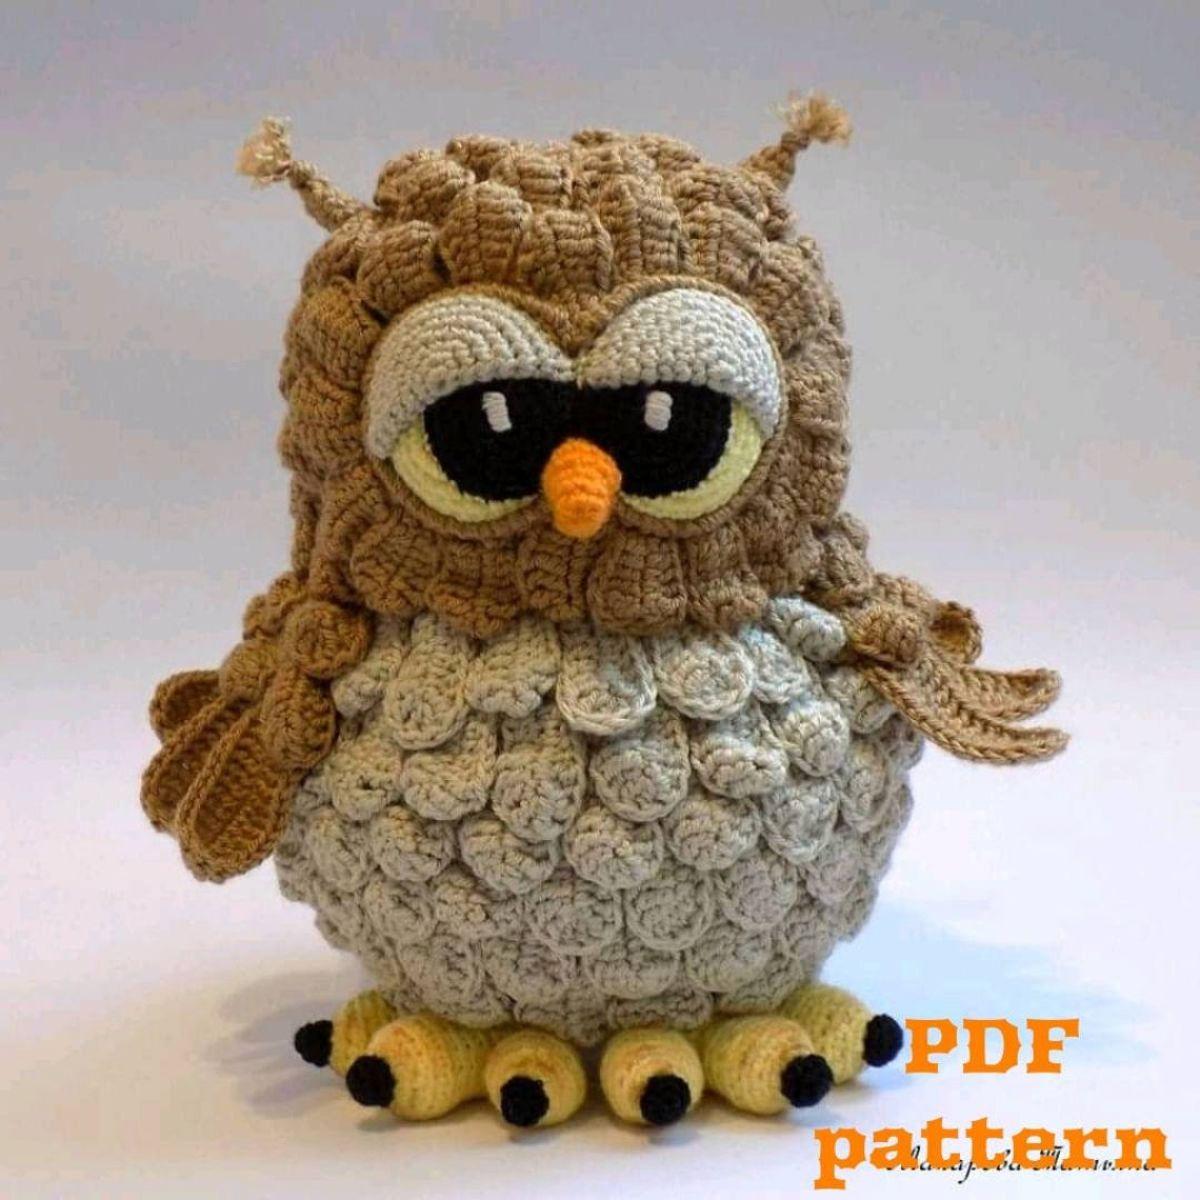 Crochet Pattern Owl - English PDF Pattern